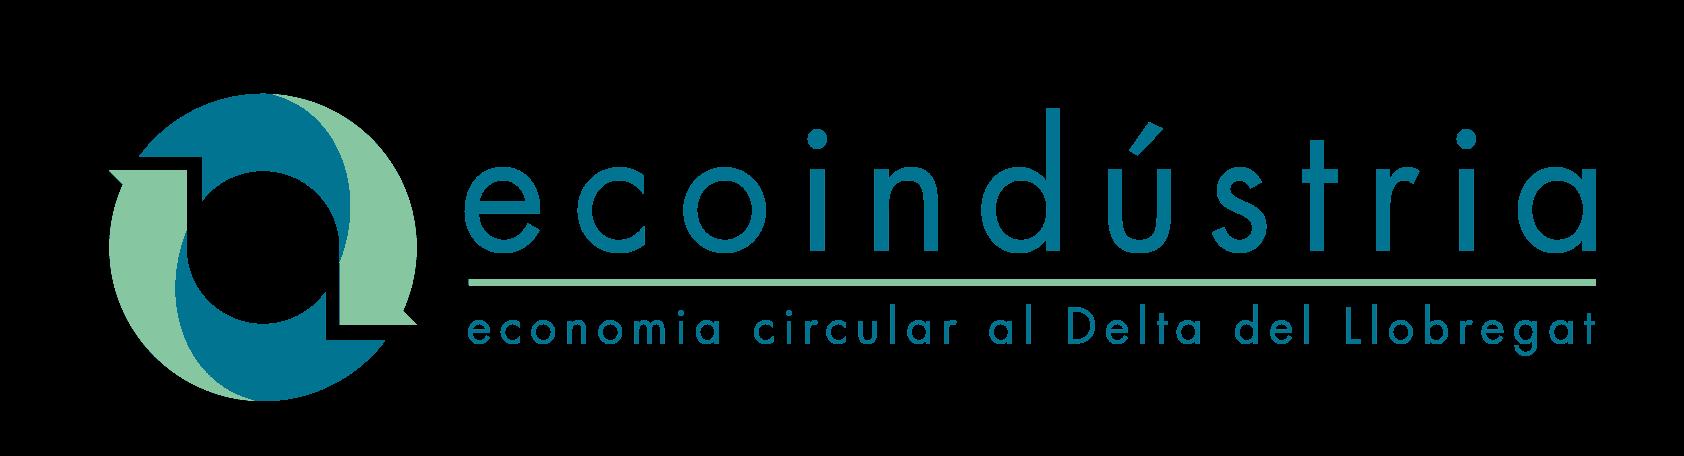 Economia Circular al Baix Llobregat